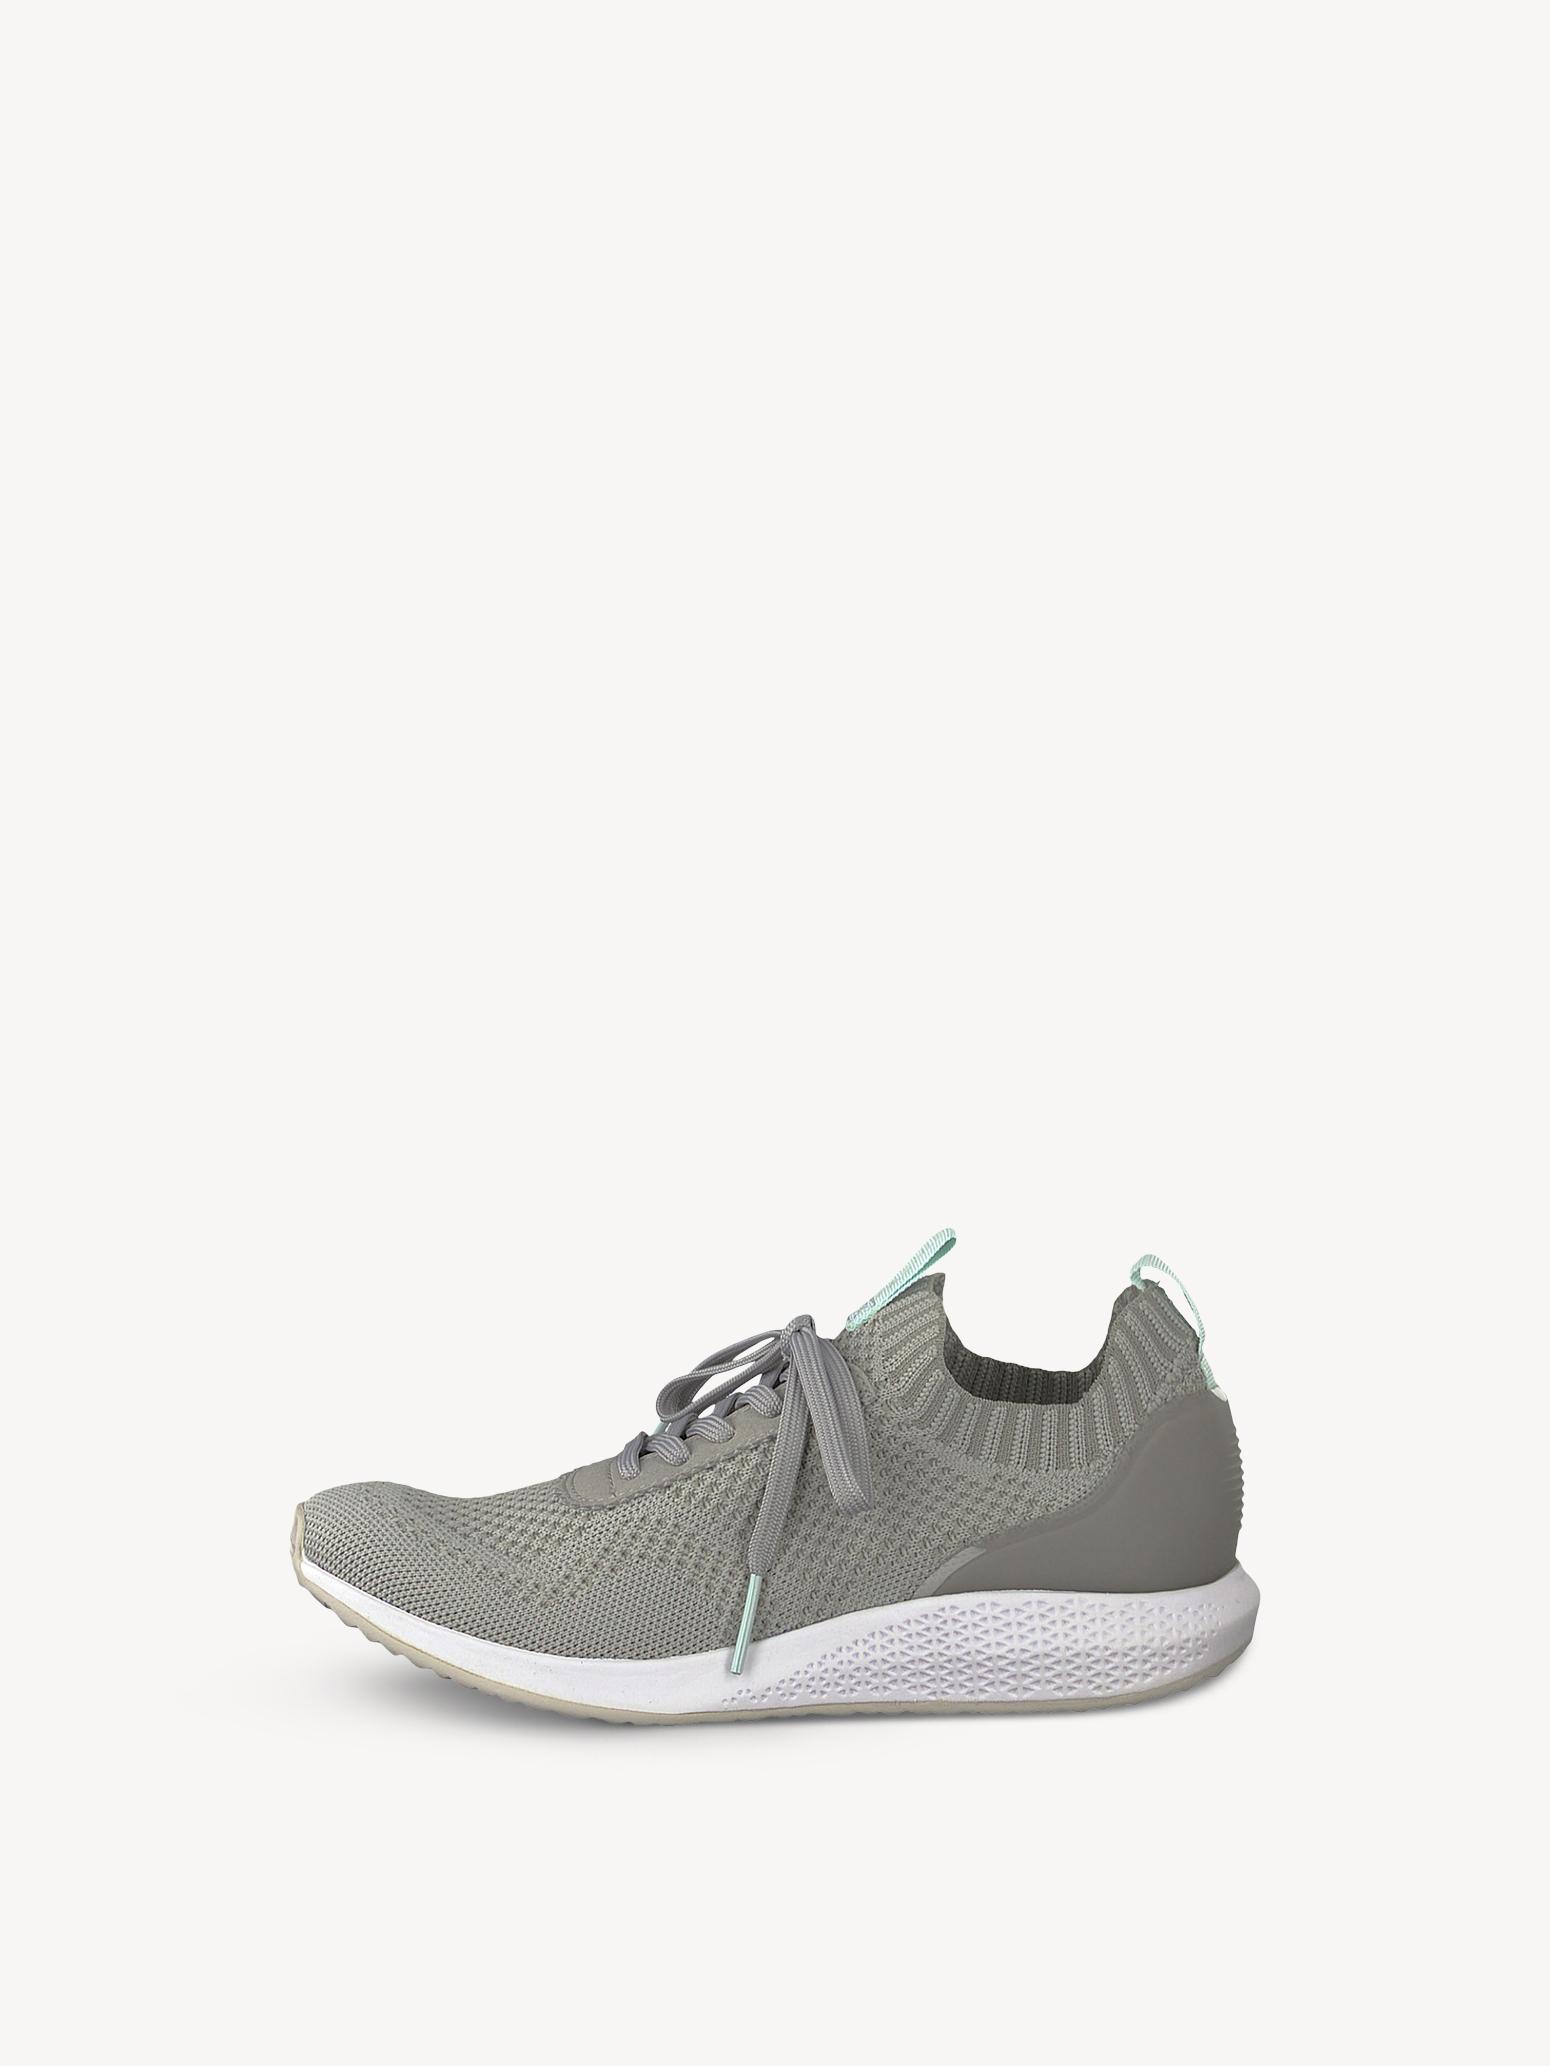 Tamaris Sneaker grau TAMARIS